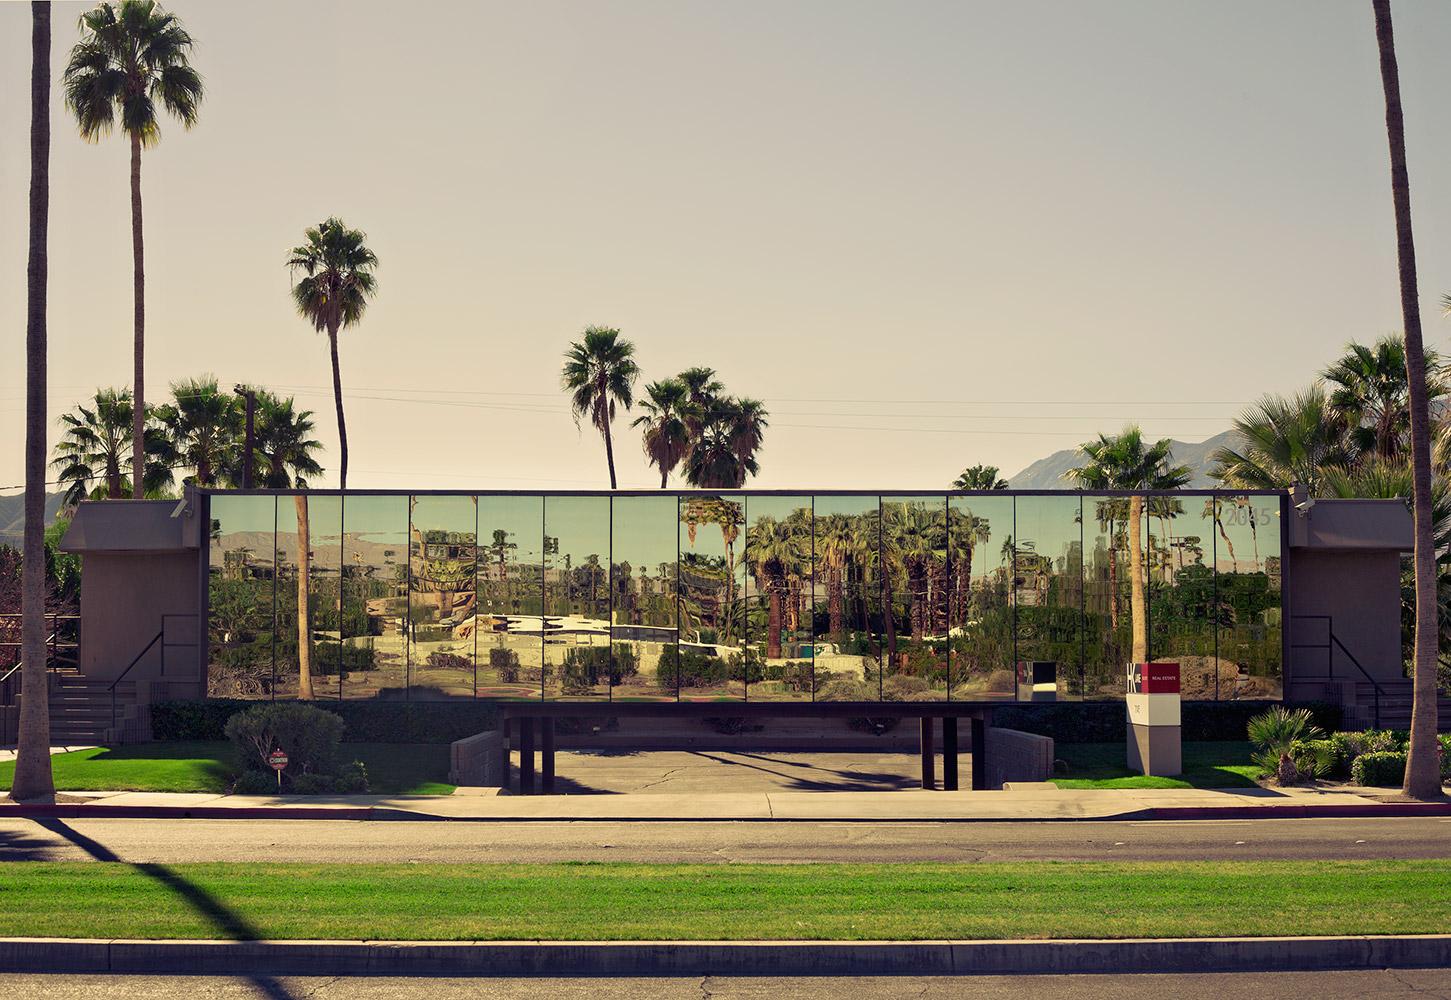 Palm_Springs_01.jpg